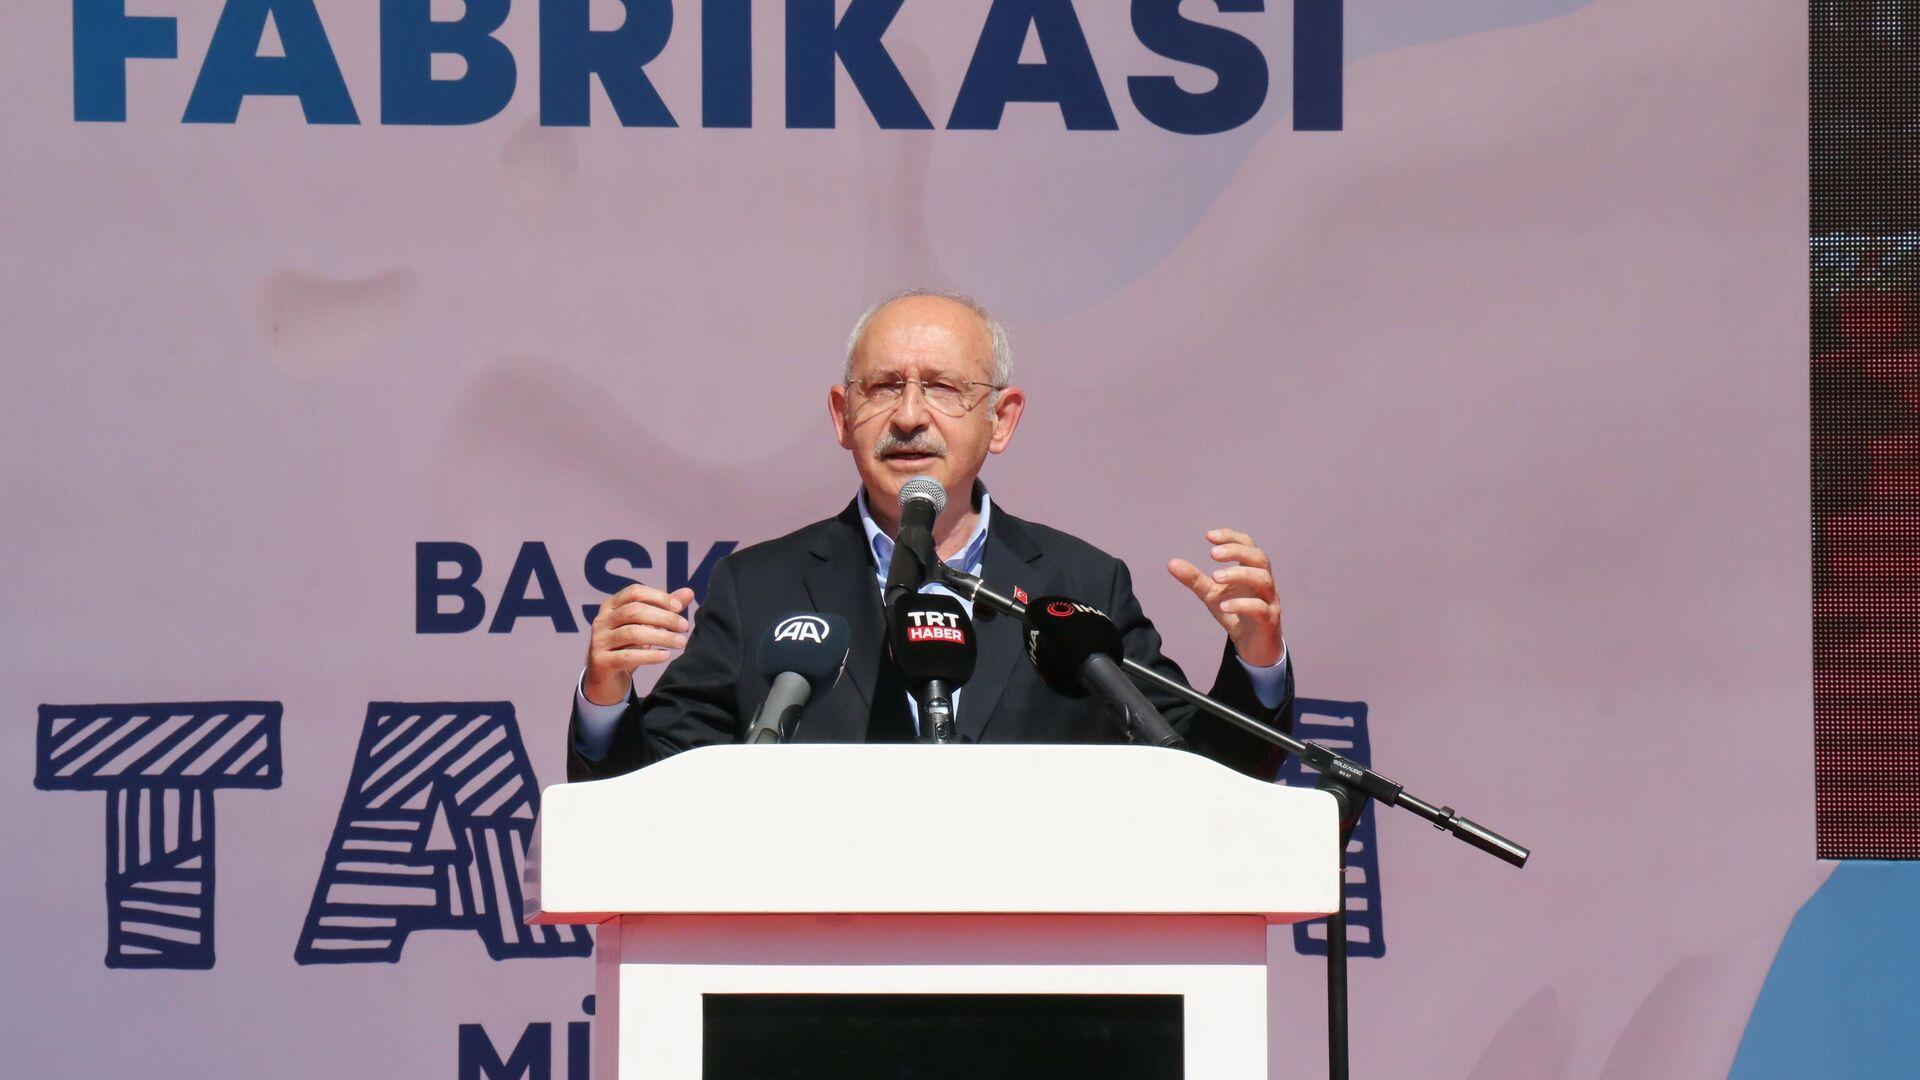 CHP Genel Başkanı Kemal Kılıçdaroğlu İzmir programları kapsamında, Bayındır ilçesinde bulunan BAYSAN Süt İşletme Fabrikası'nın temel atma törenine katıldı. Burada konuşan Kılıçdaroğlu, fabrikaların önemine vurgu yaparak, Her fabrika, Türkiye Cumhuriyeti Devleti için bir kaledir dedi. - Sputnik Türkiye, 1920, 26.09.2021